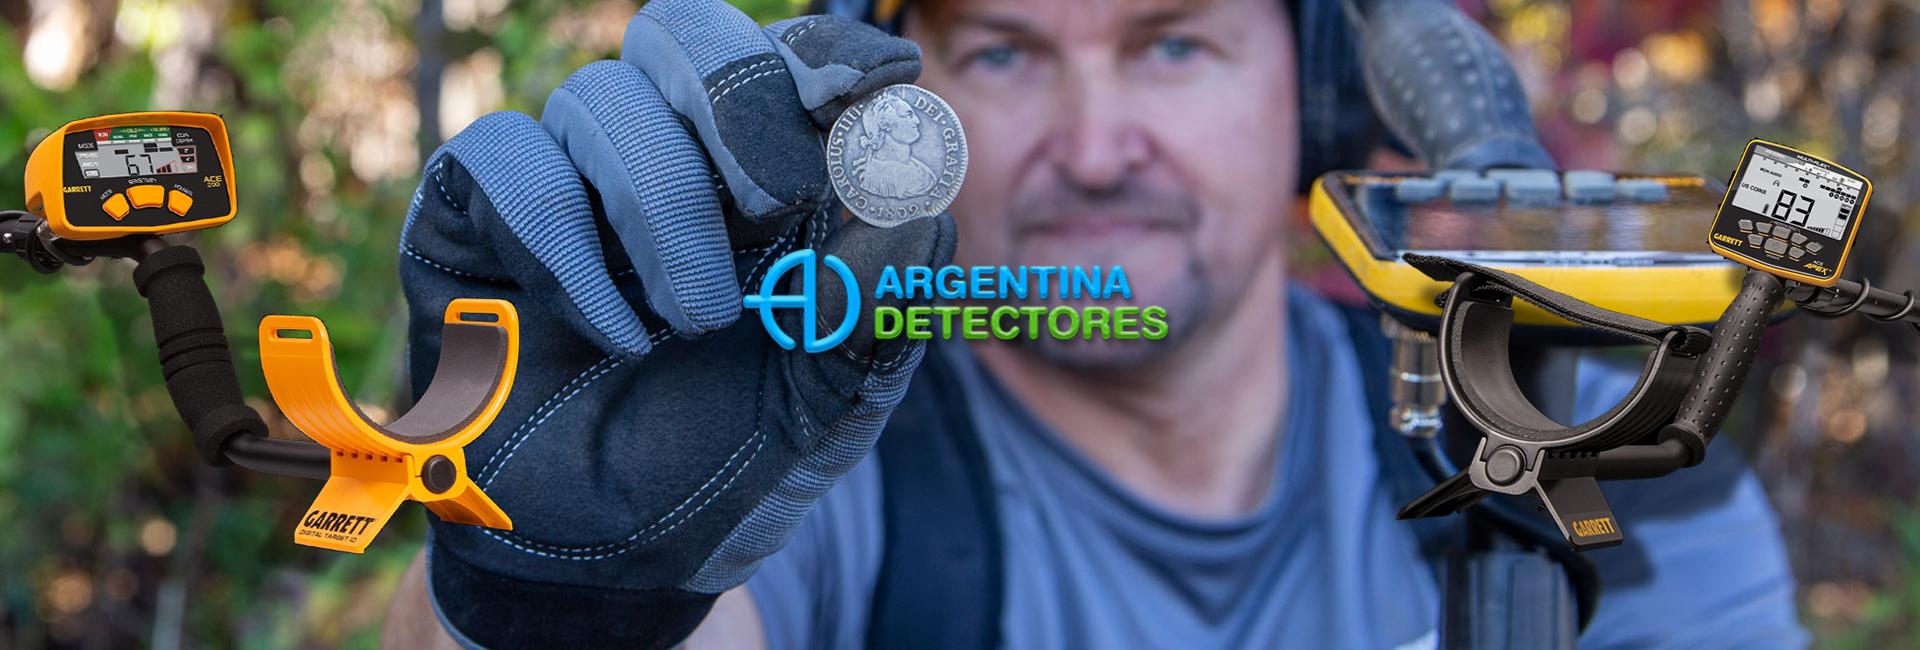 ARGENTINA-DETECTORES-ok